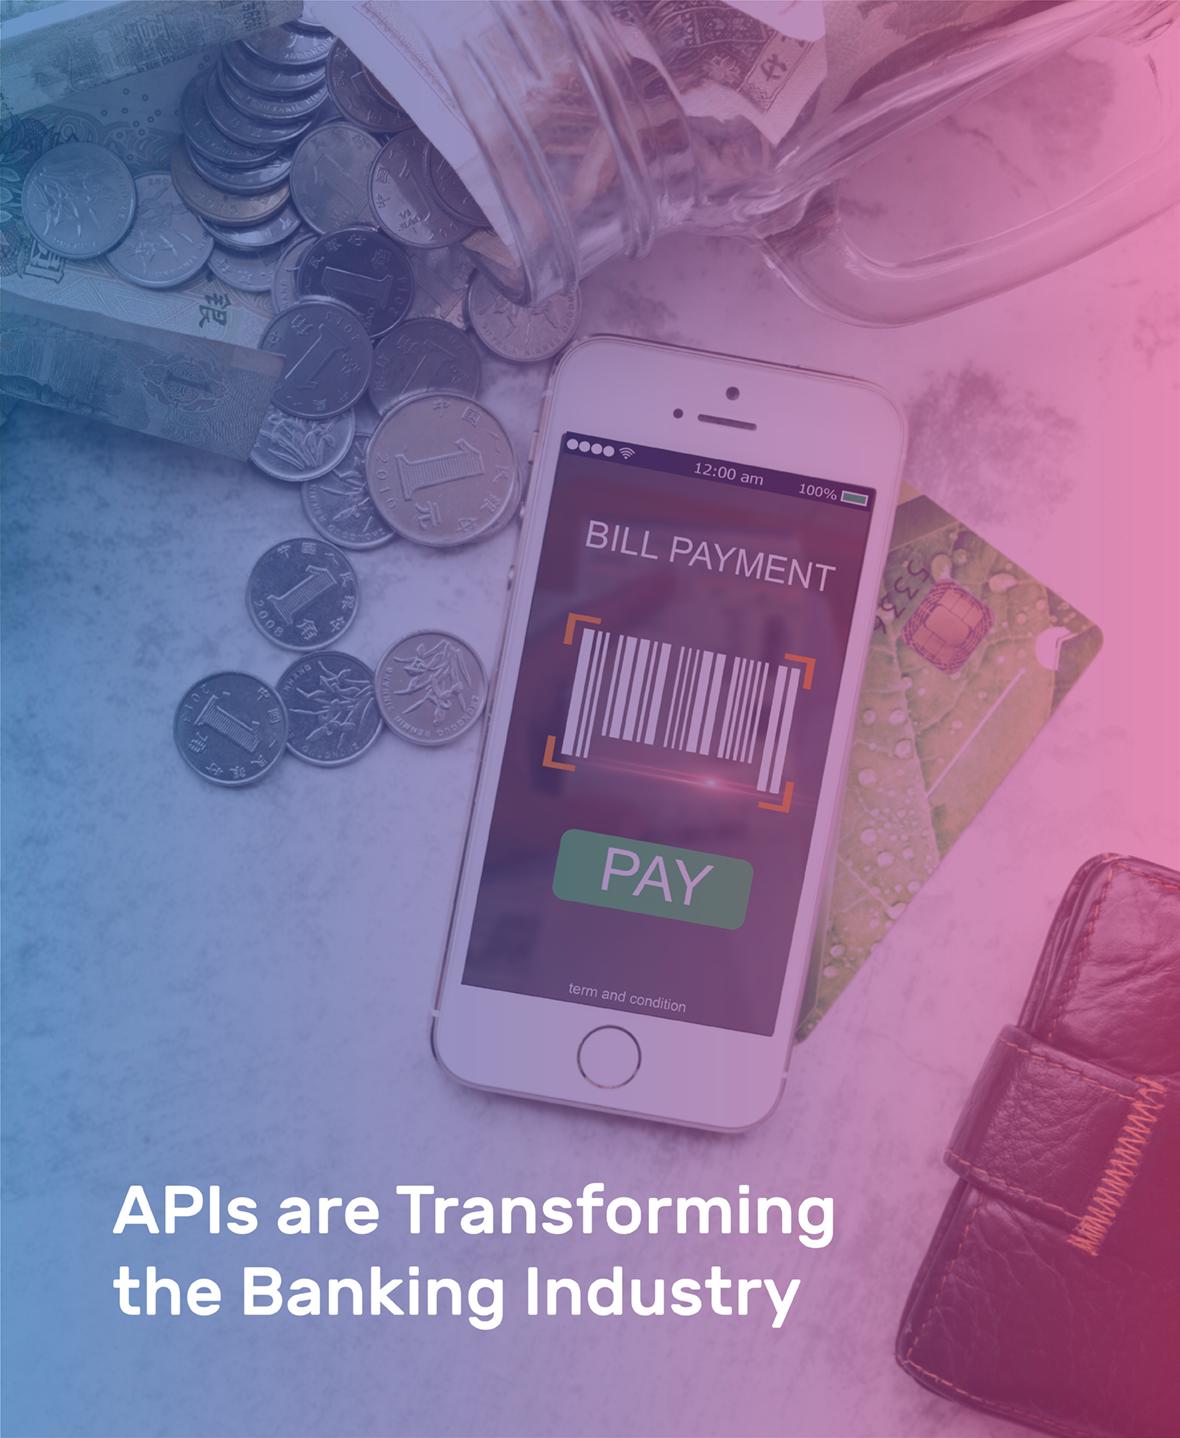 API Use in Banks